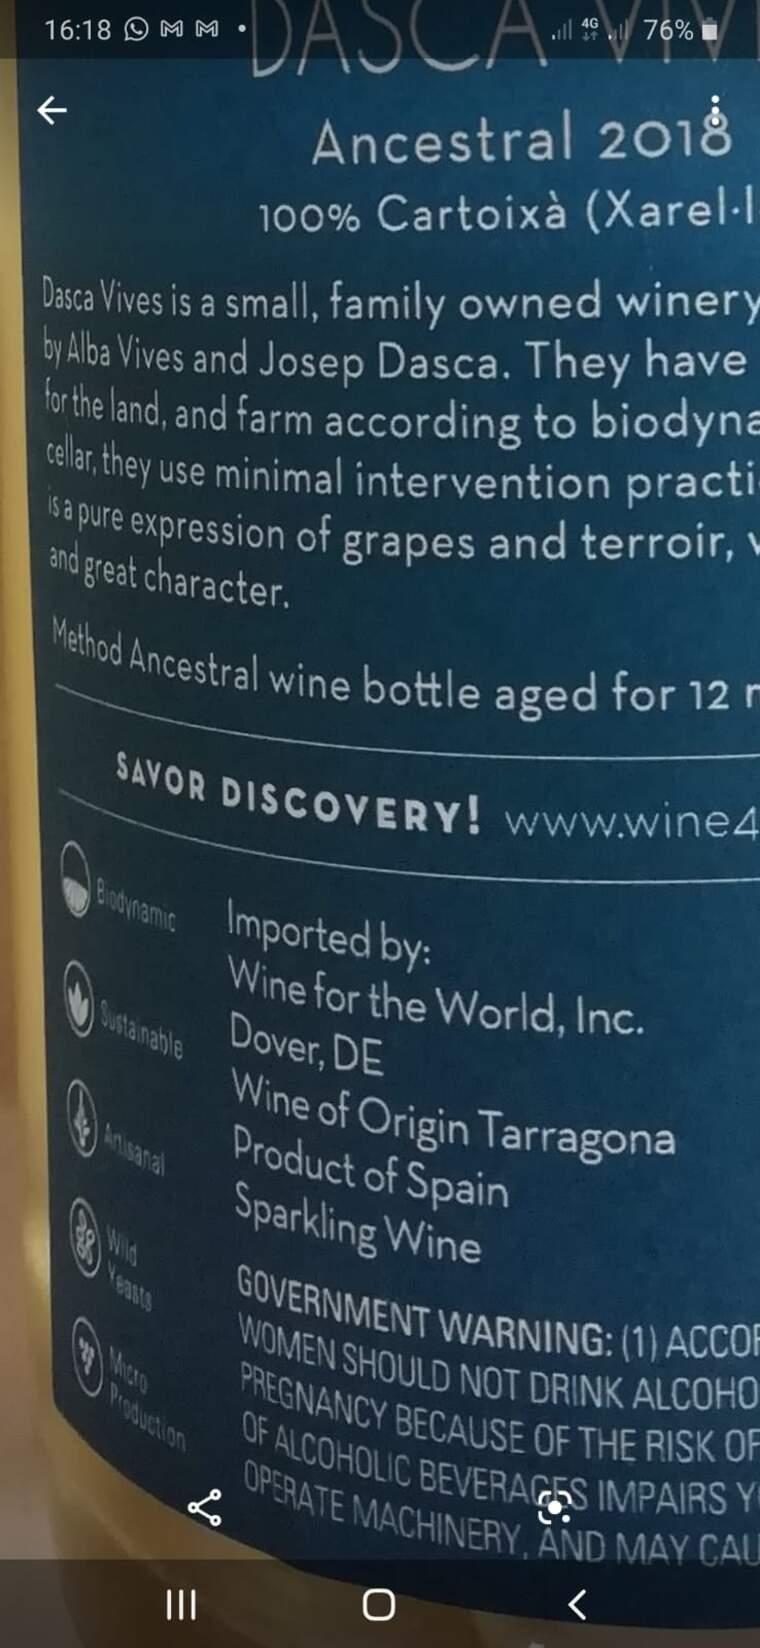 Una de les contraetiquetes de Dasca Vives on hi diu 'Wine of Origin Tarragona'